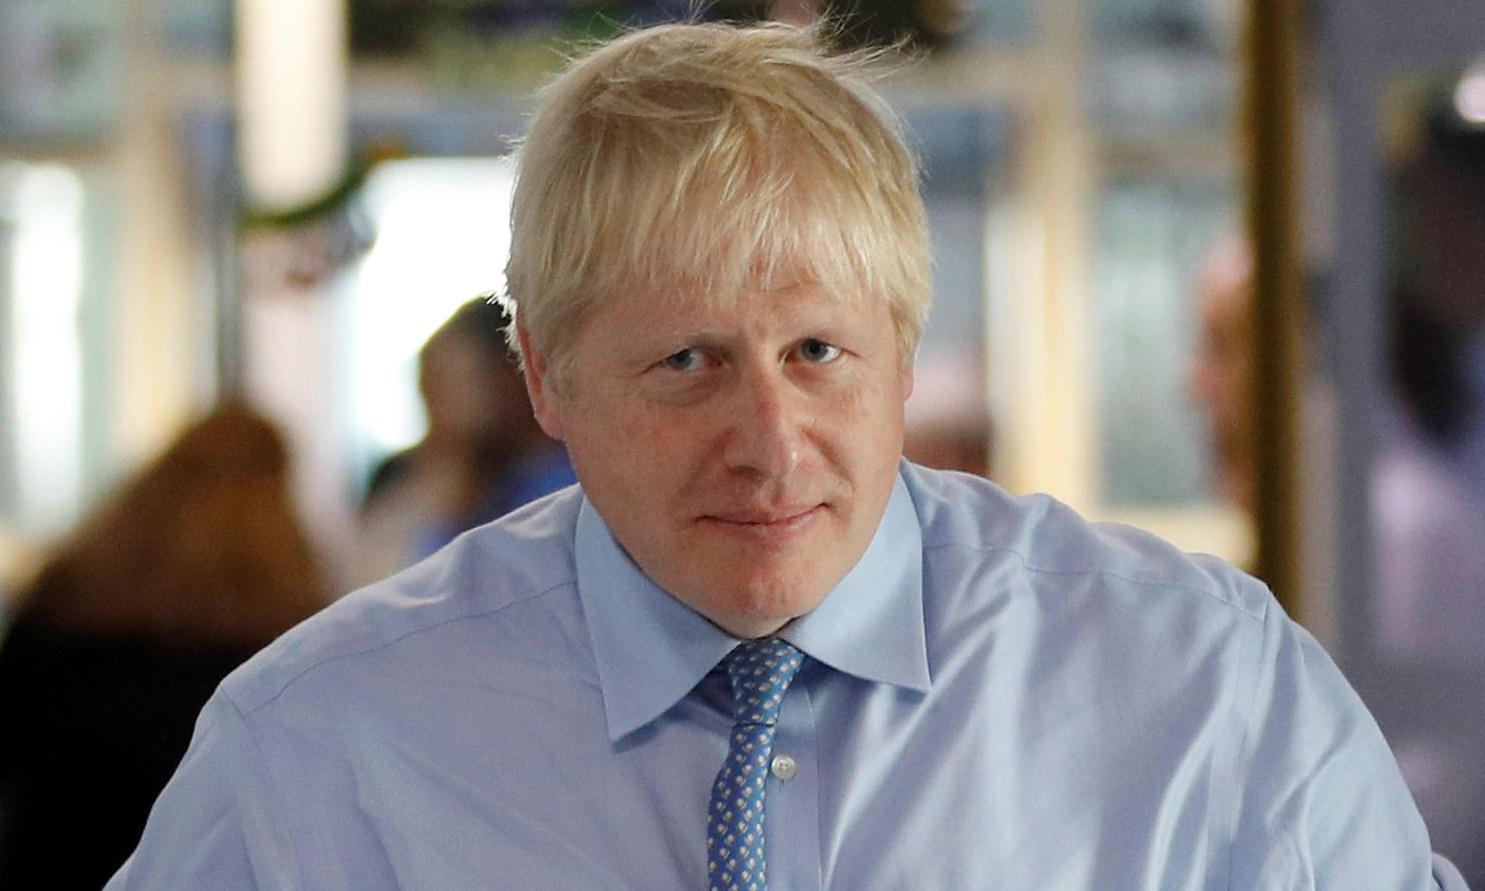 EU unconvinced by Johnson's fresh bid to remove Brexit backstop